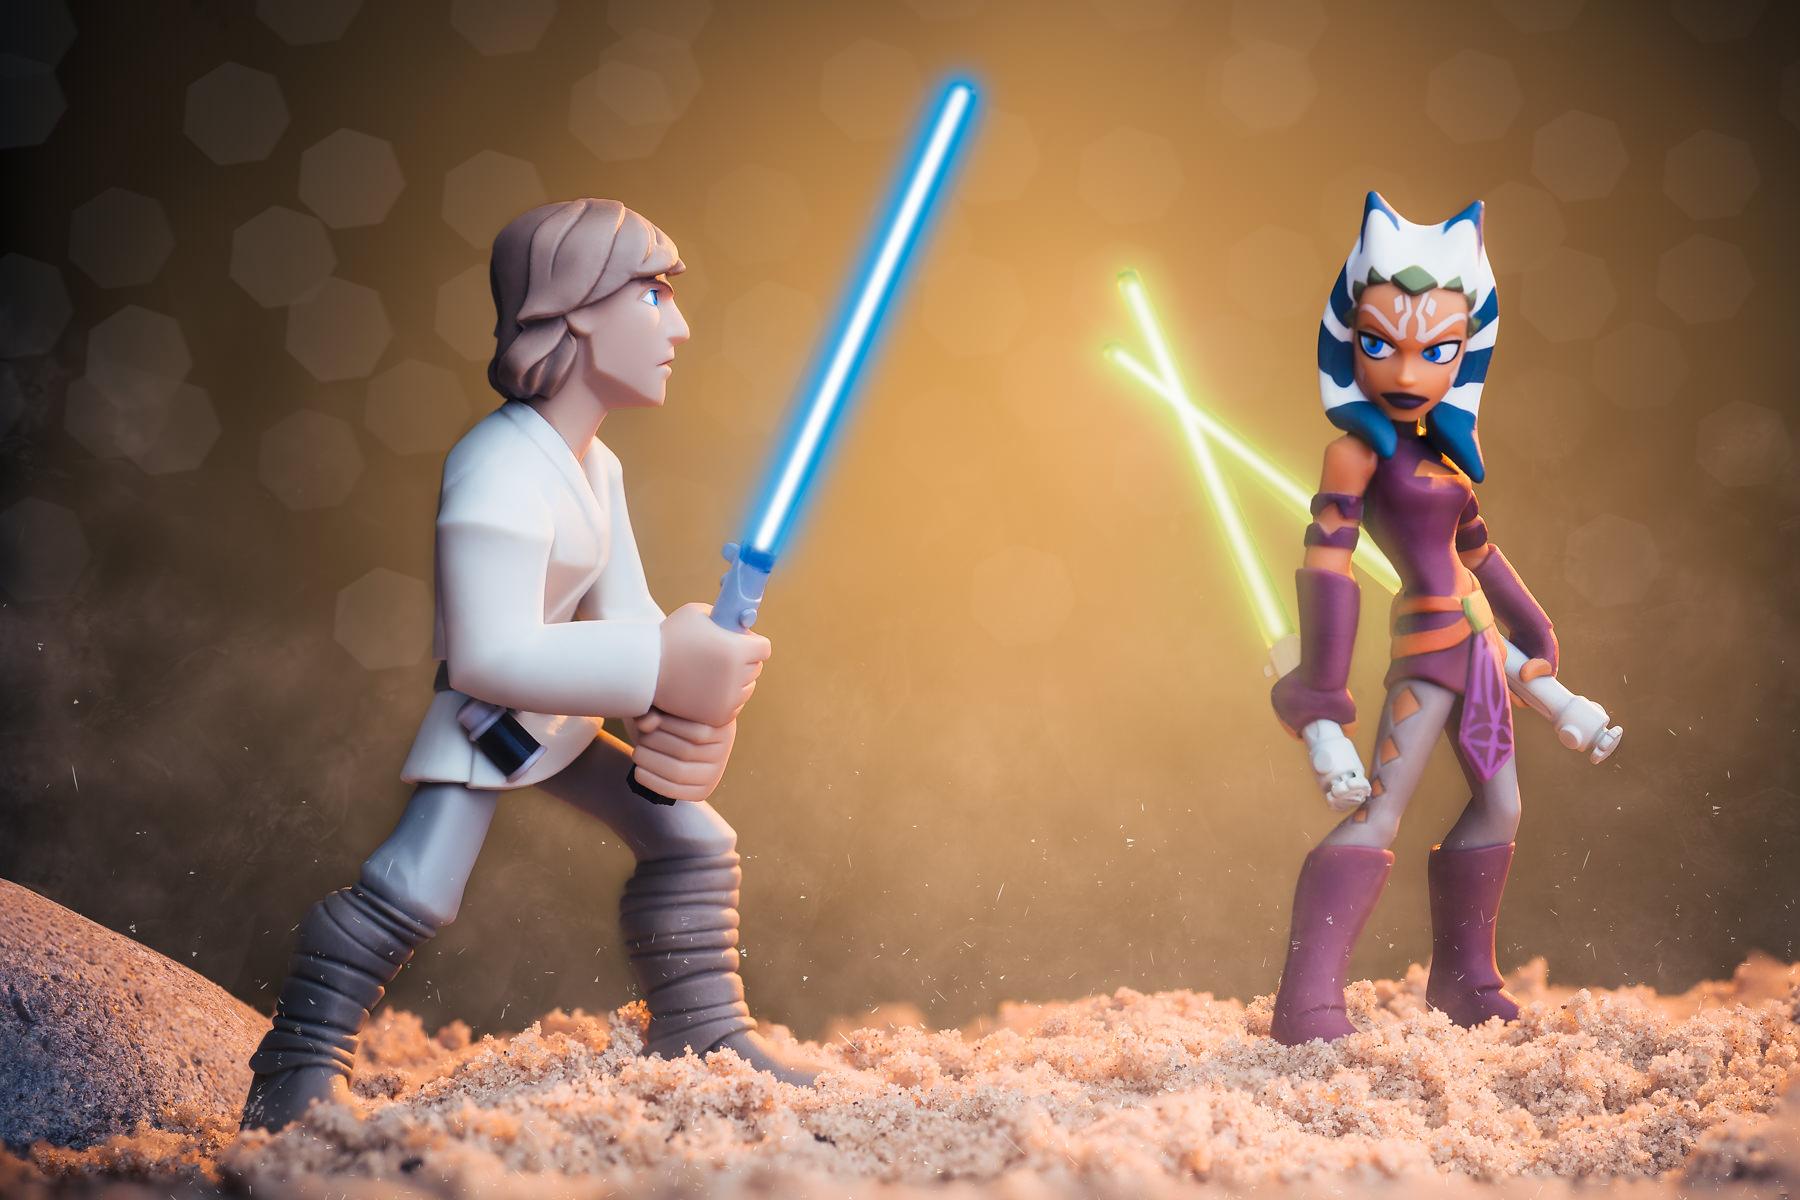 Luke Skywalker Vs Ahsoka Tano